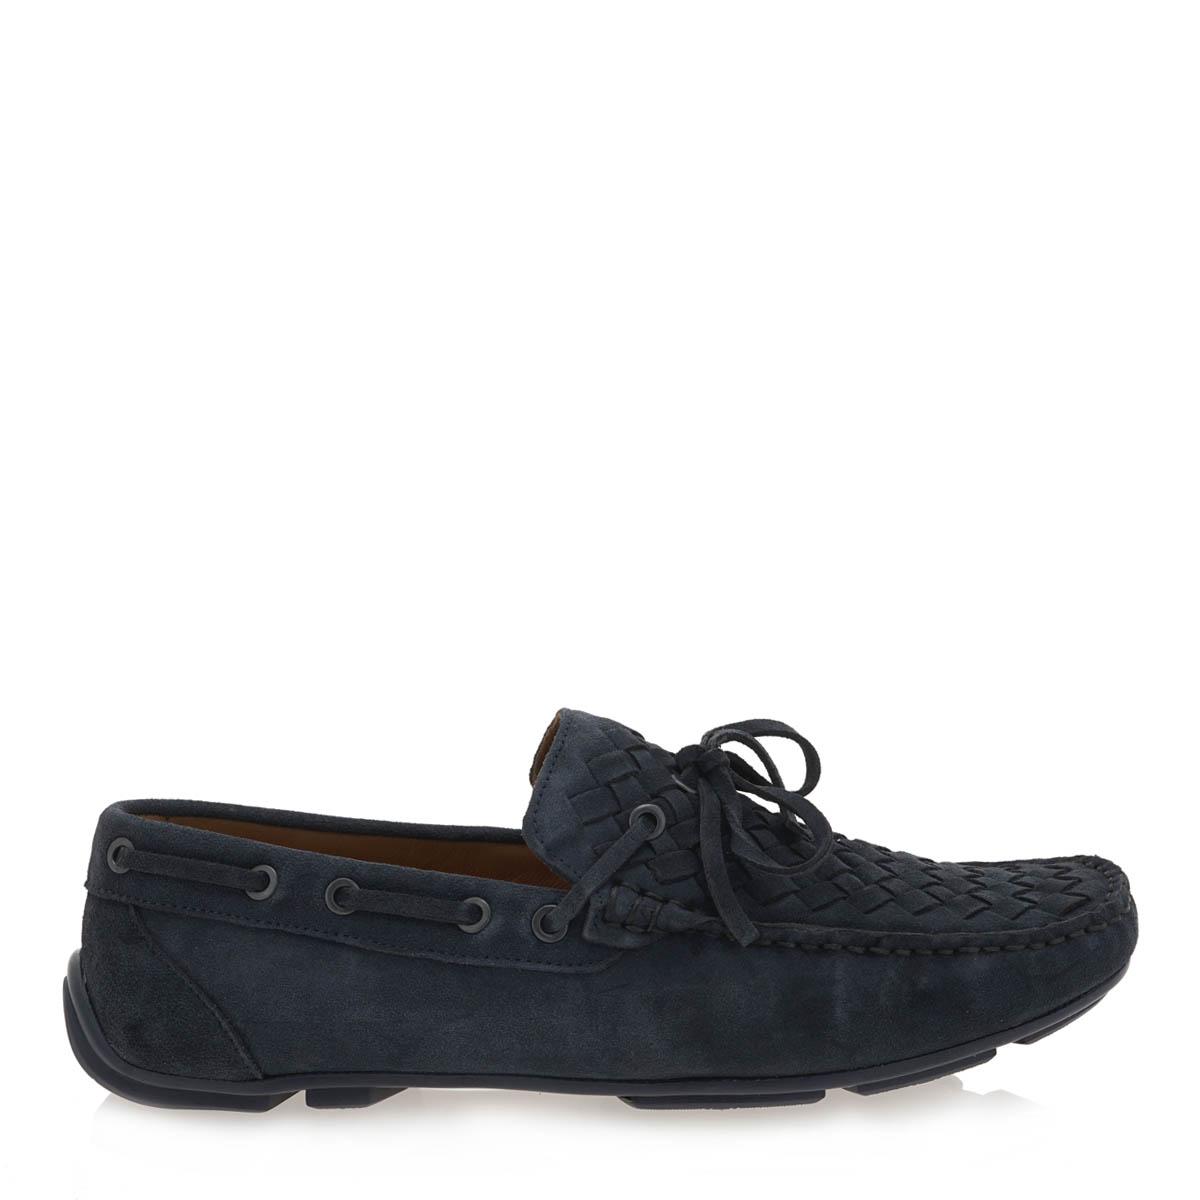 f8585fb088f Ανδρικά Παπούτσια, Ανδρικά Μοκασίνια